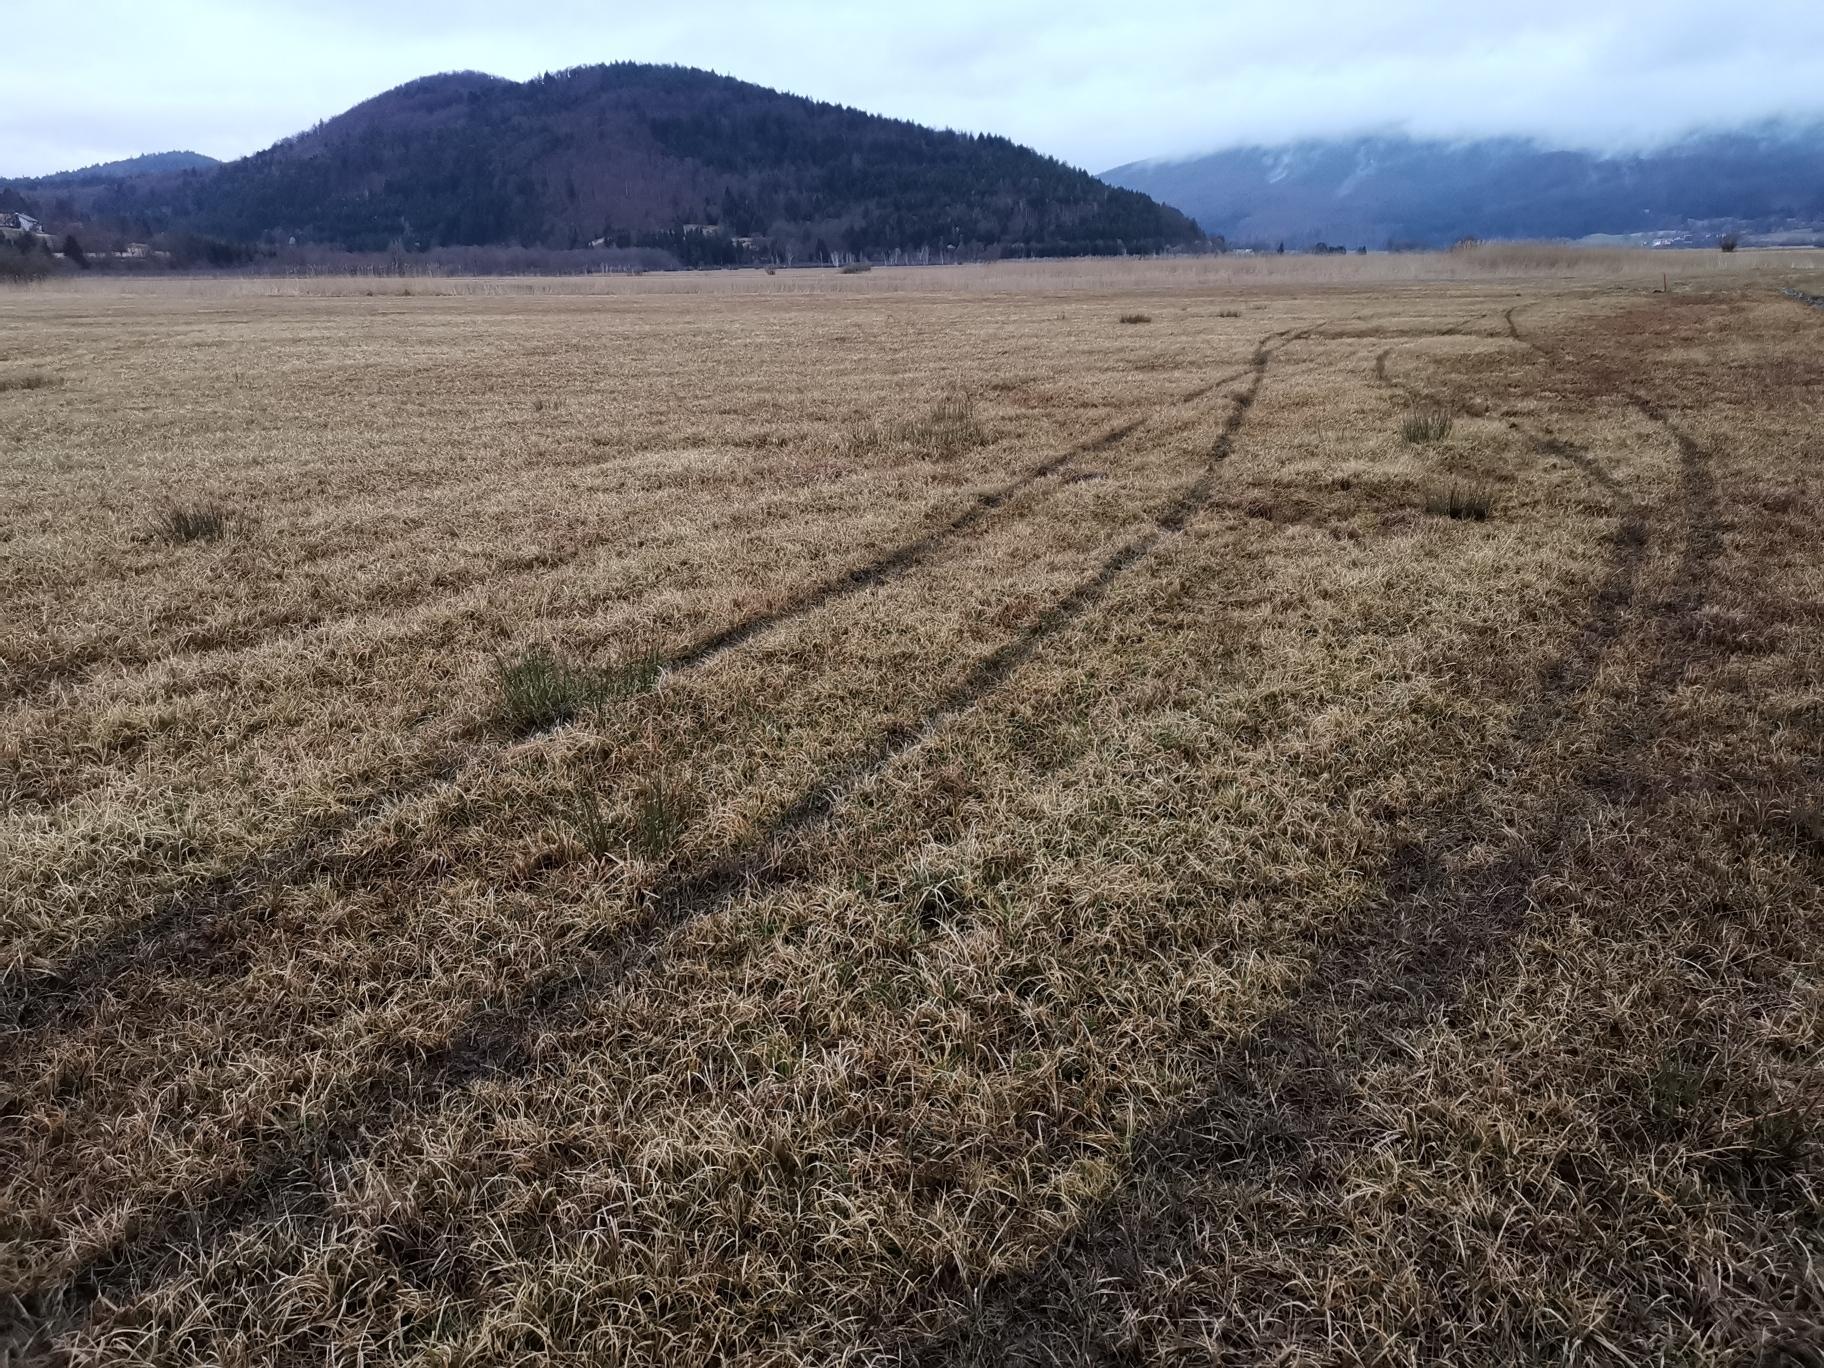 To so najboljši travniki za gnezdenje koscev v državi. Prvi kosci bodo kmalu gnezdili tu. In sledovi štirih motoristov.